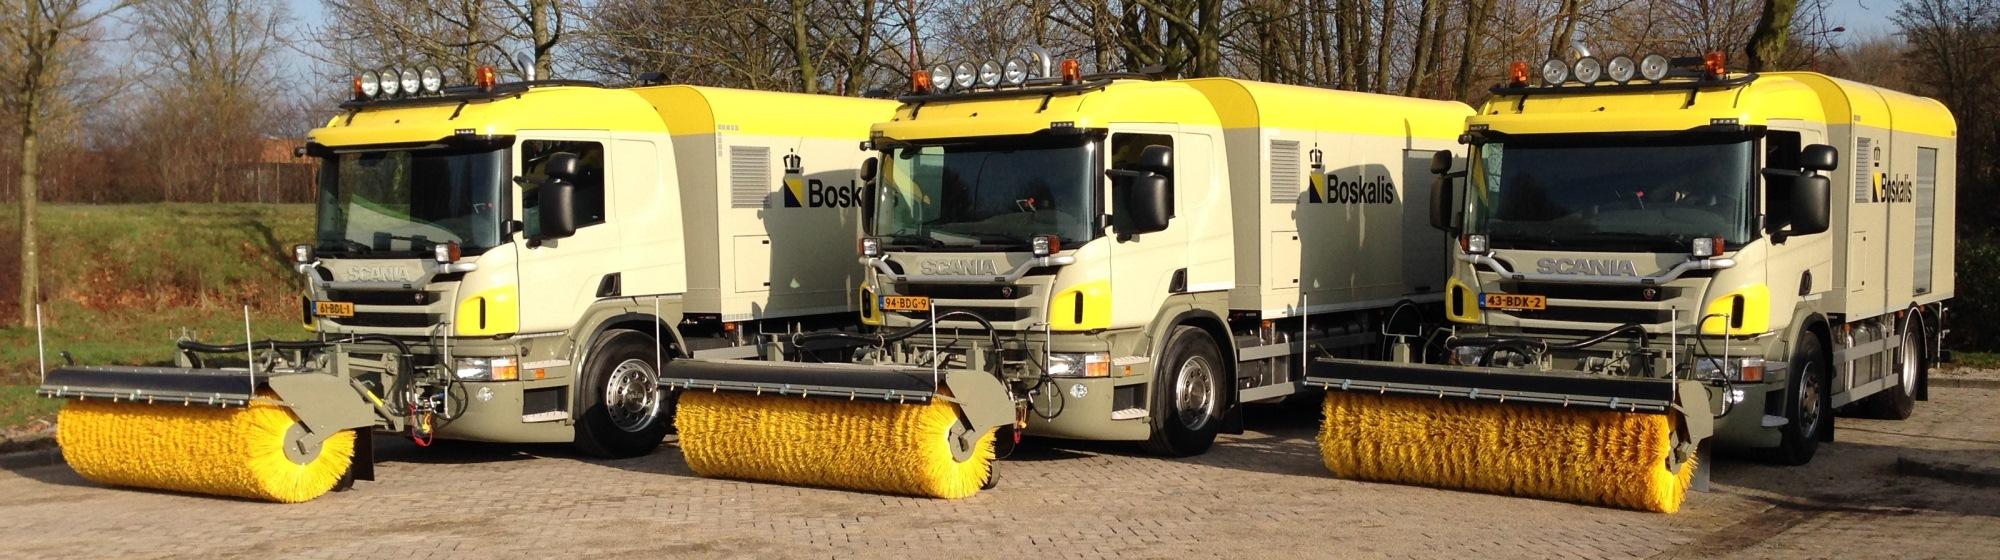 Boskalis-2000x560